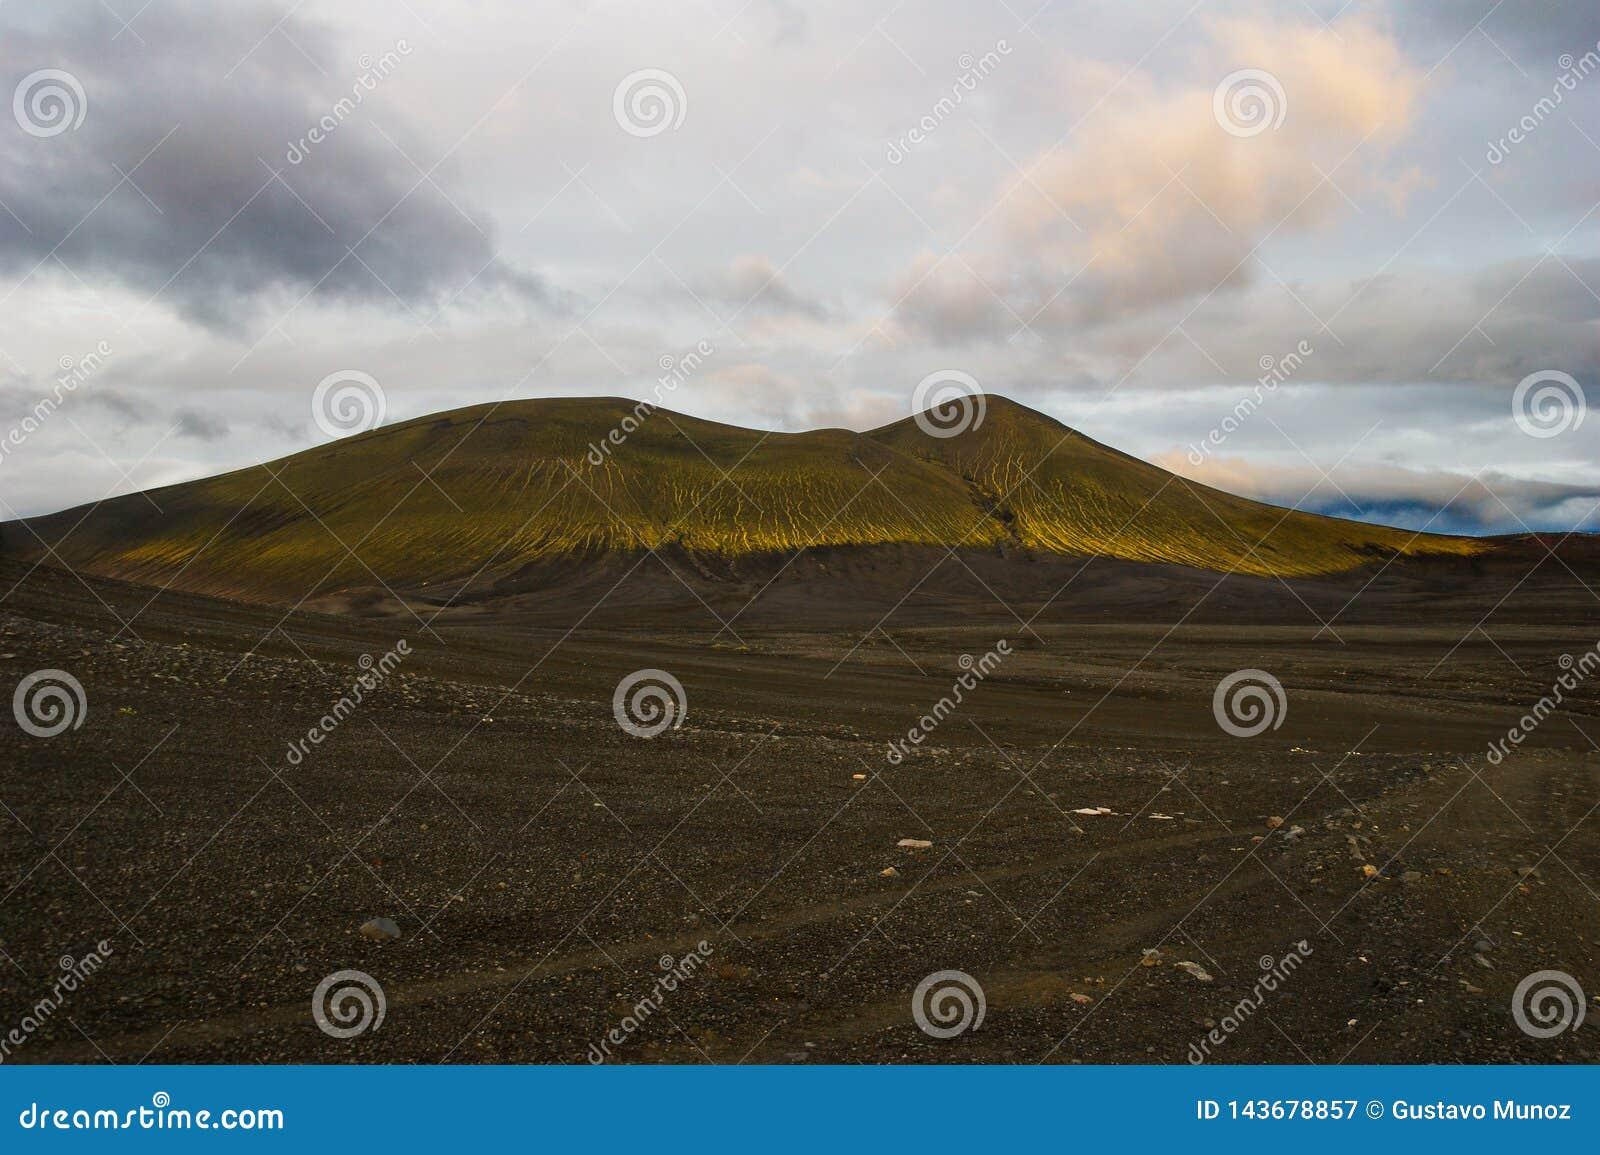 Θαυμάσιο ηφαιστειακό τοπίο στο δρόμο σε Landmannalaugar, Ισλανδία Μαύρη ηφαιστειακή τέφρα που καλύπτεται από τα πράσινα βρύα